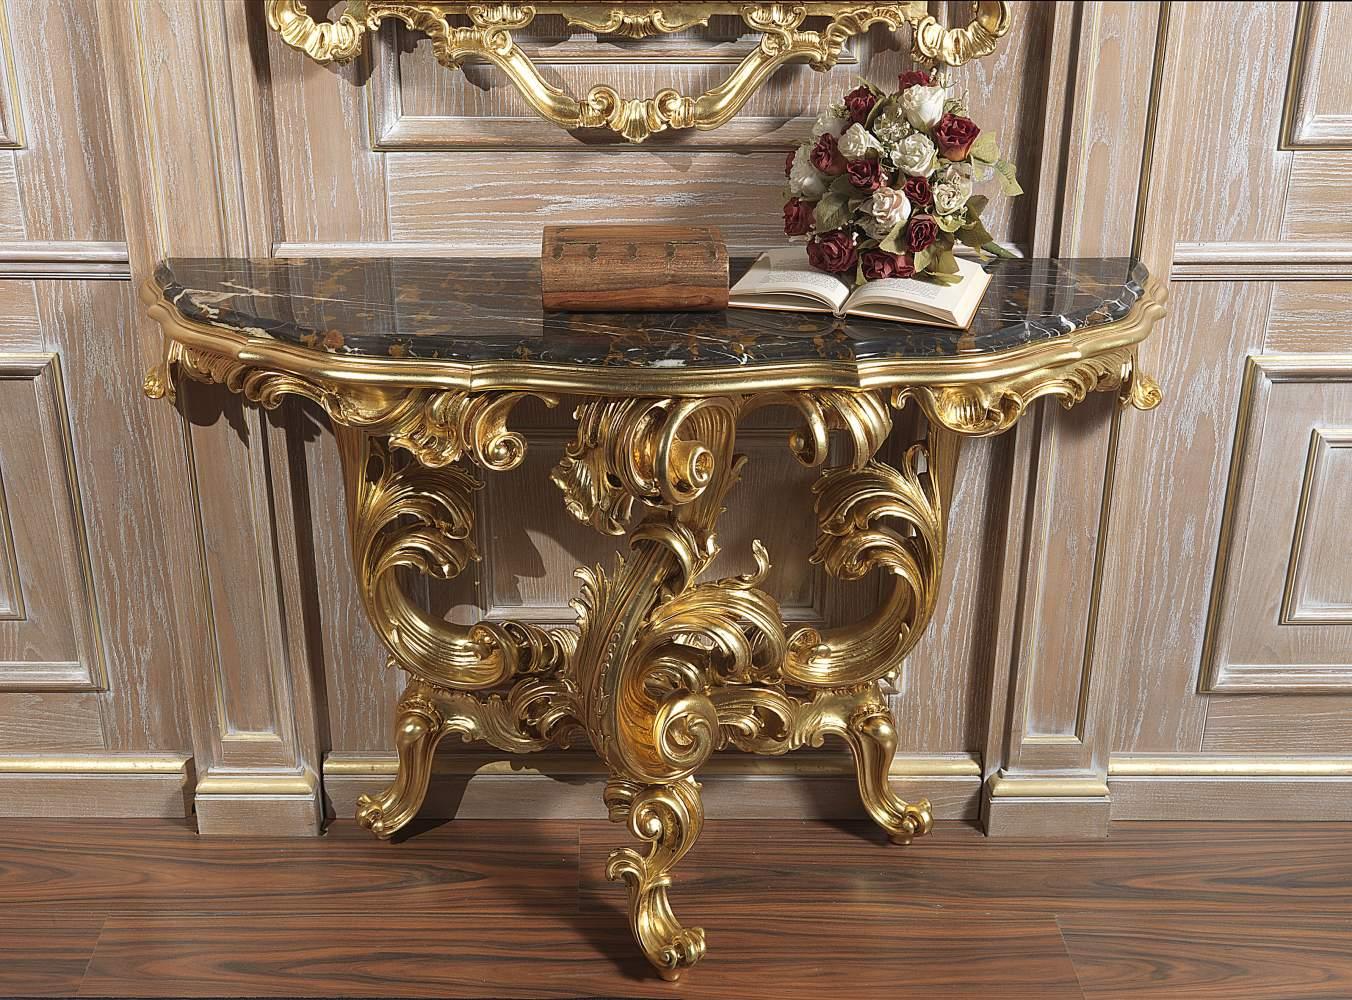 Consolle classica di lusso realizzata in stile barocco